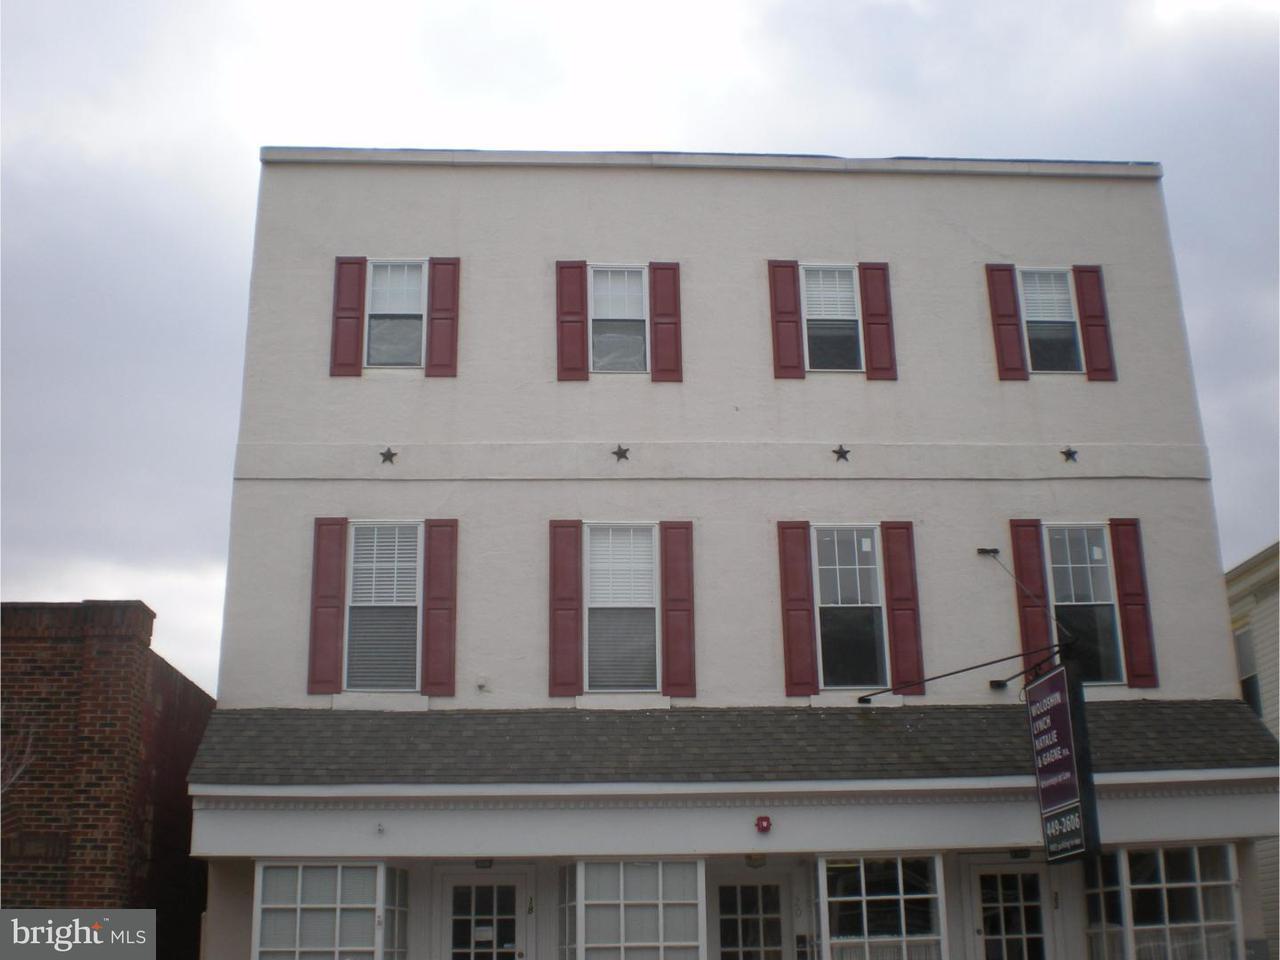 Частный односемейный дом для того Аренда на 20 W MAIN #301 Middletown, Делавэр 19709 Соединенные Штаты